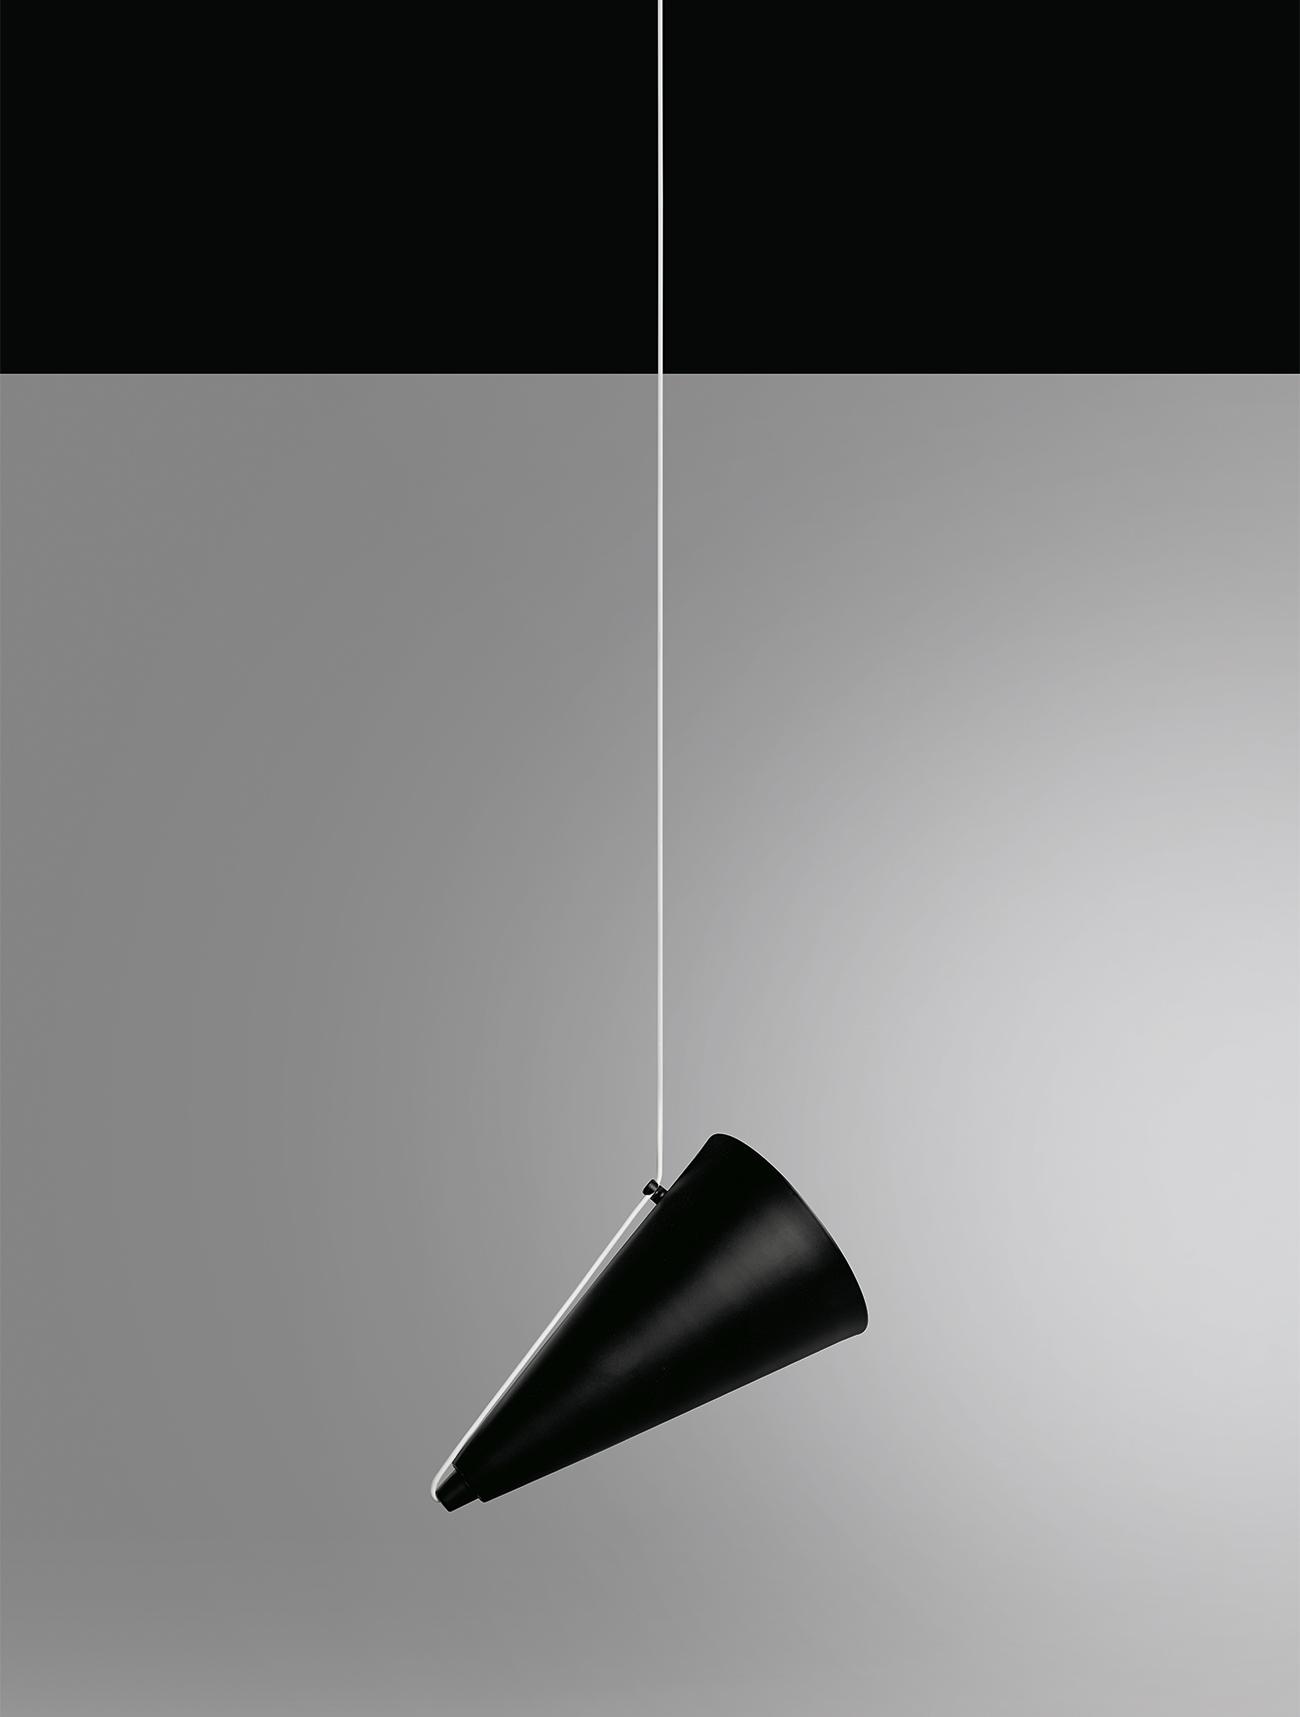 cone-01-still